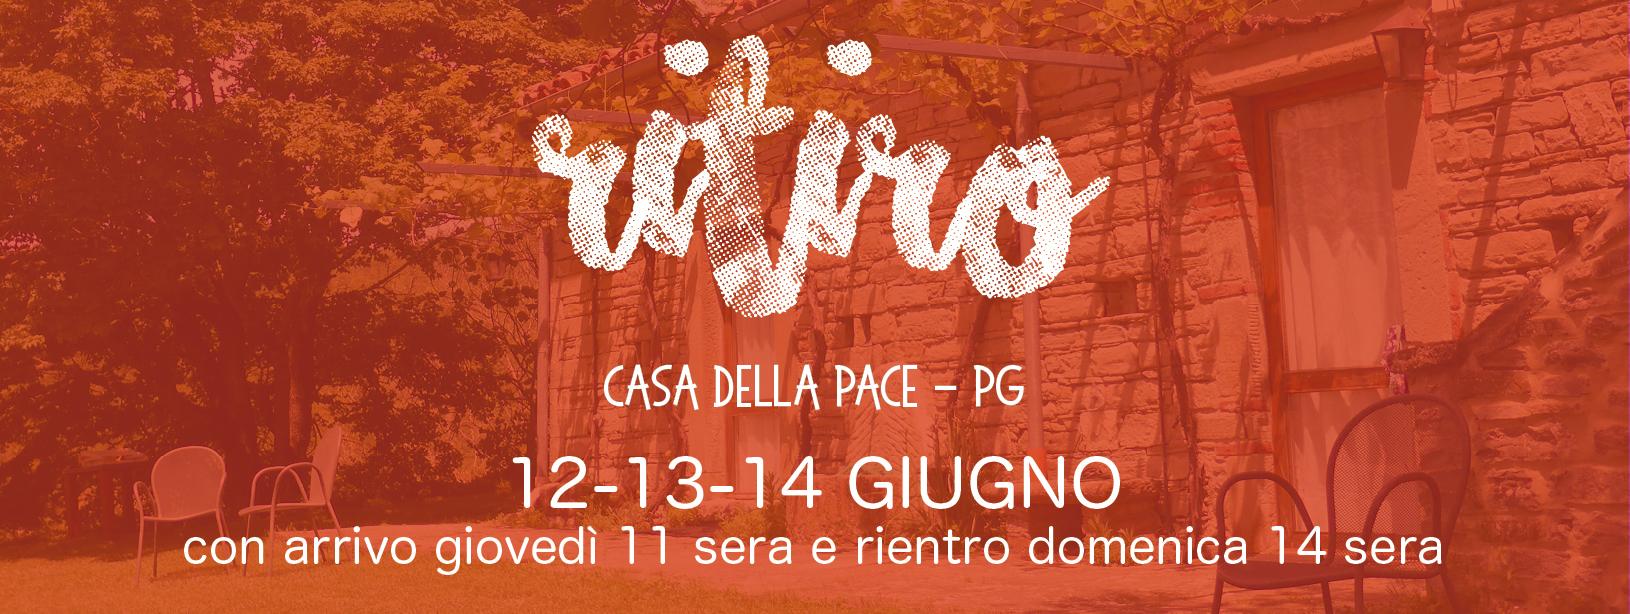 Banner_Tutti WEB6